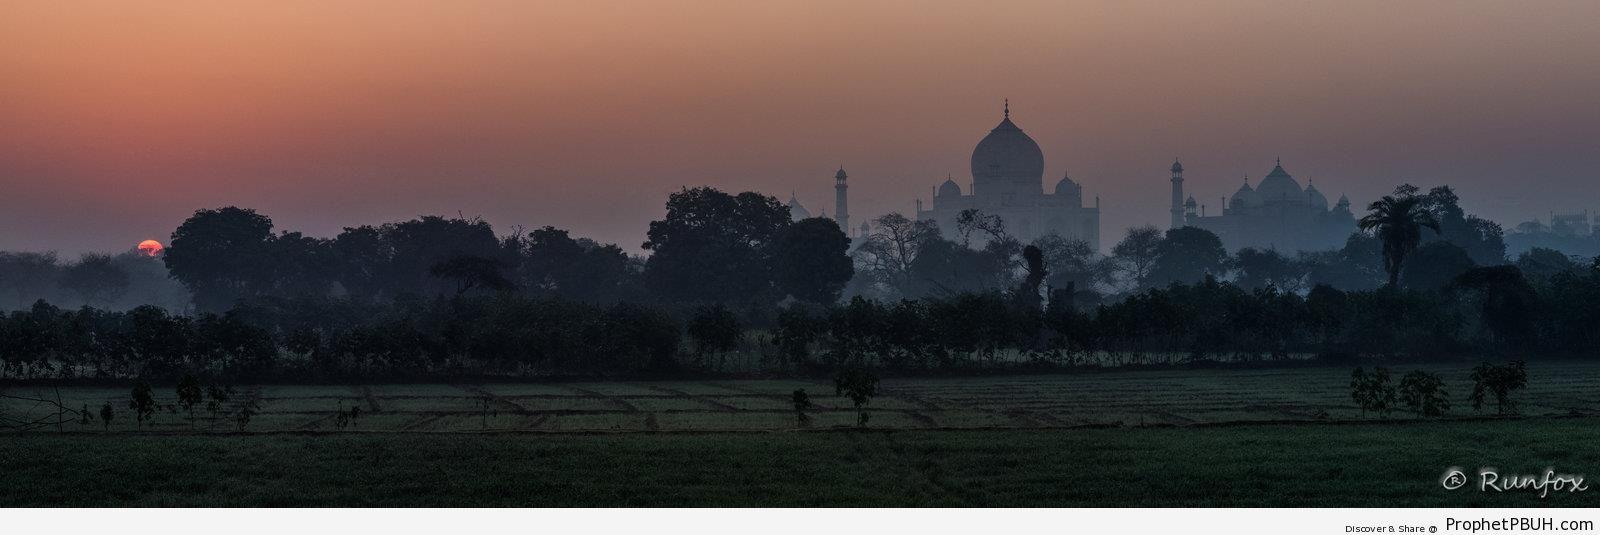 Taj Mahal Sunrise Silhouette - Agra, India